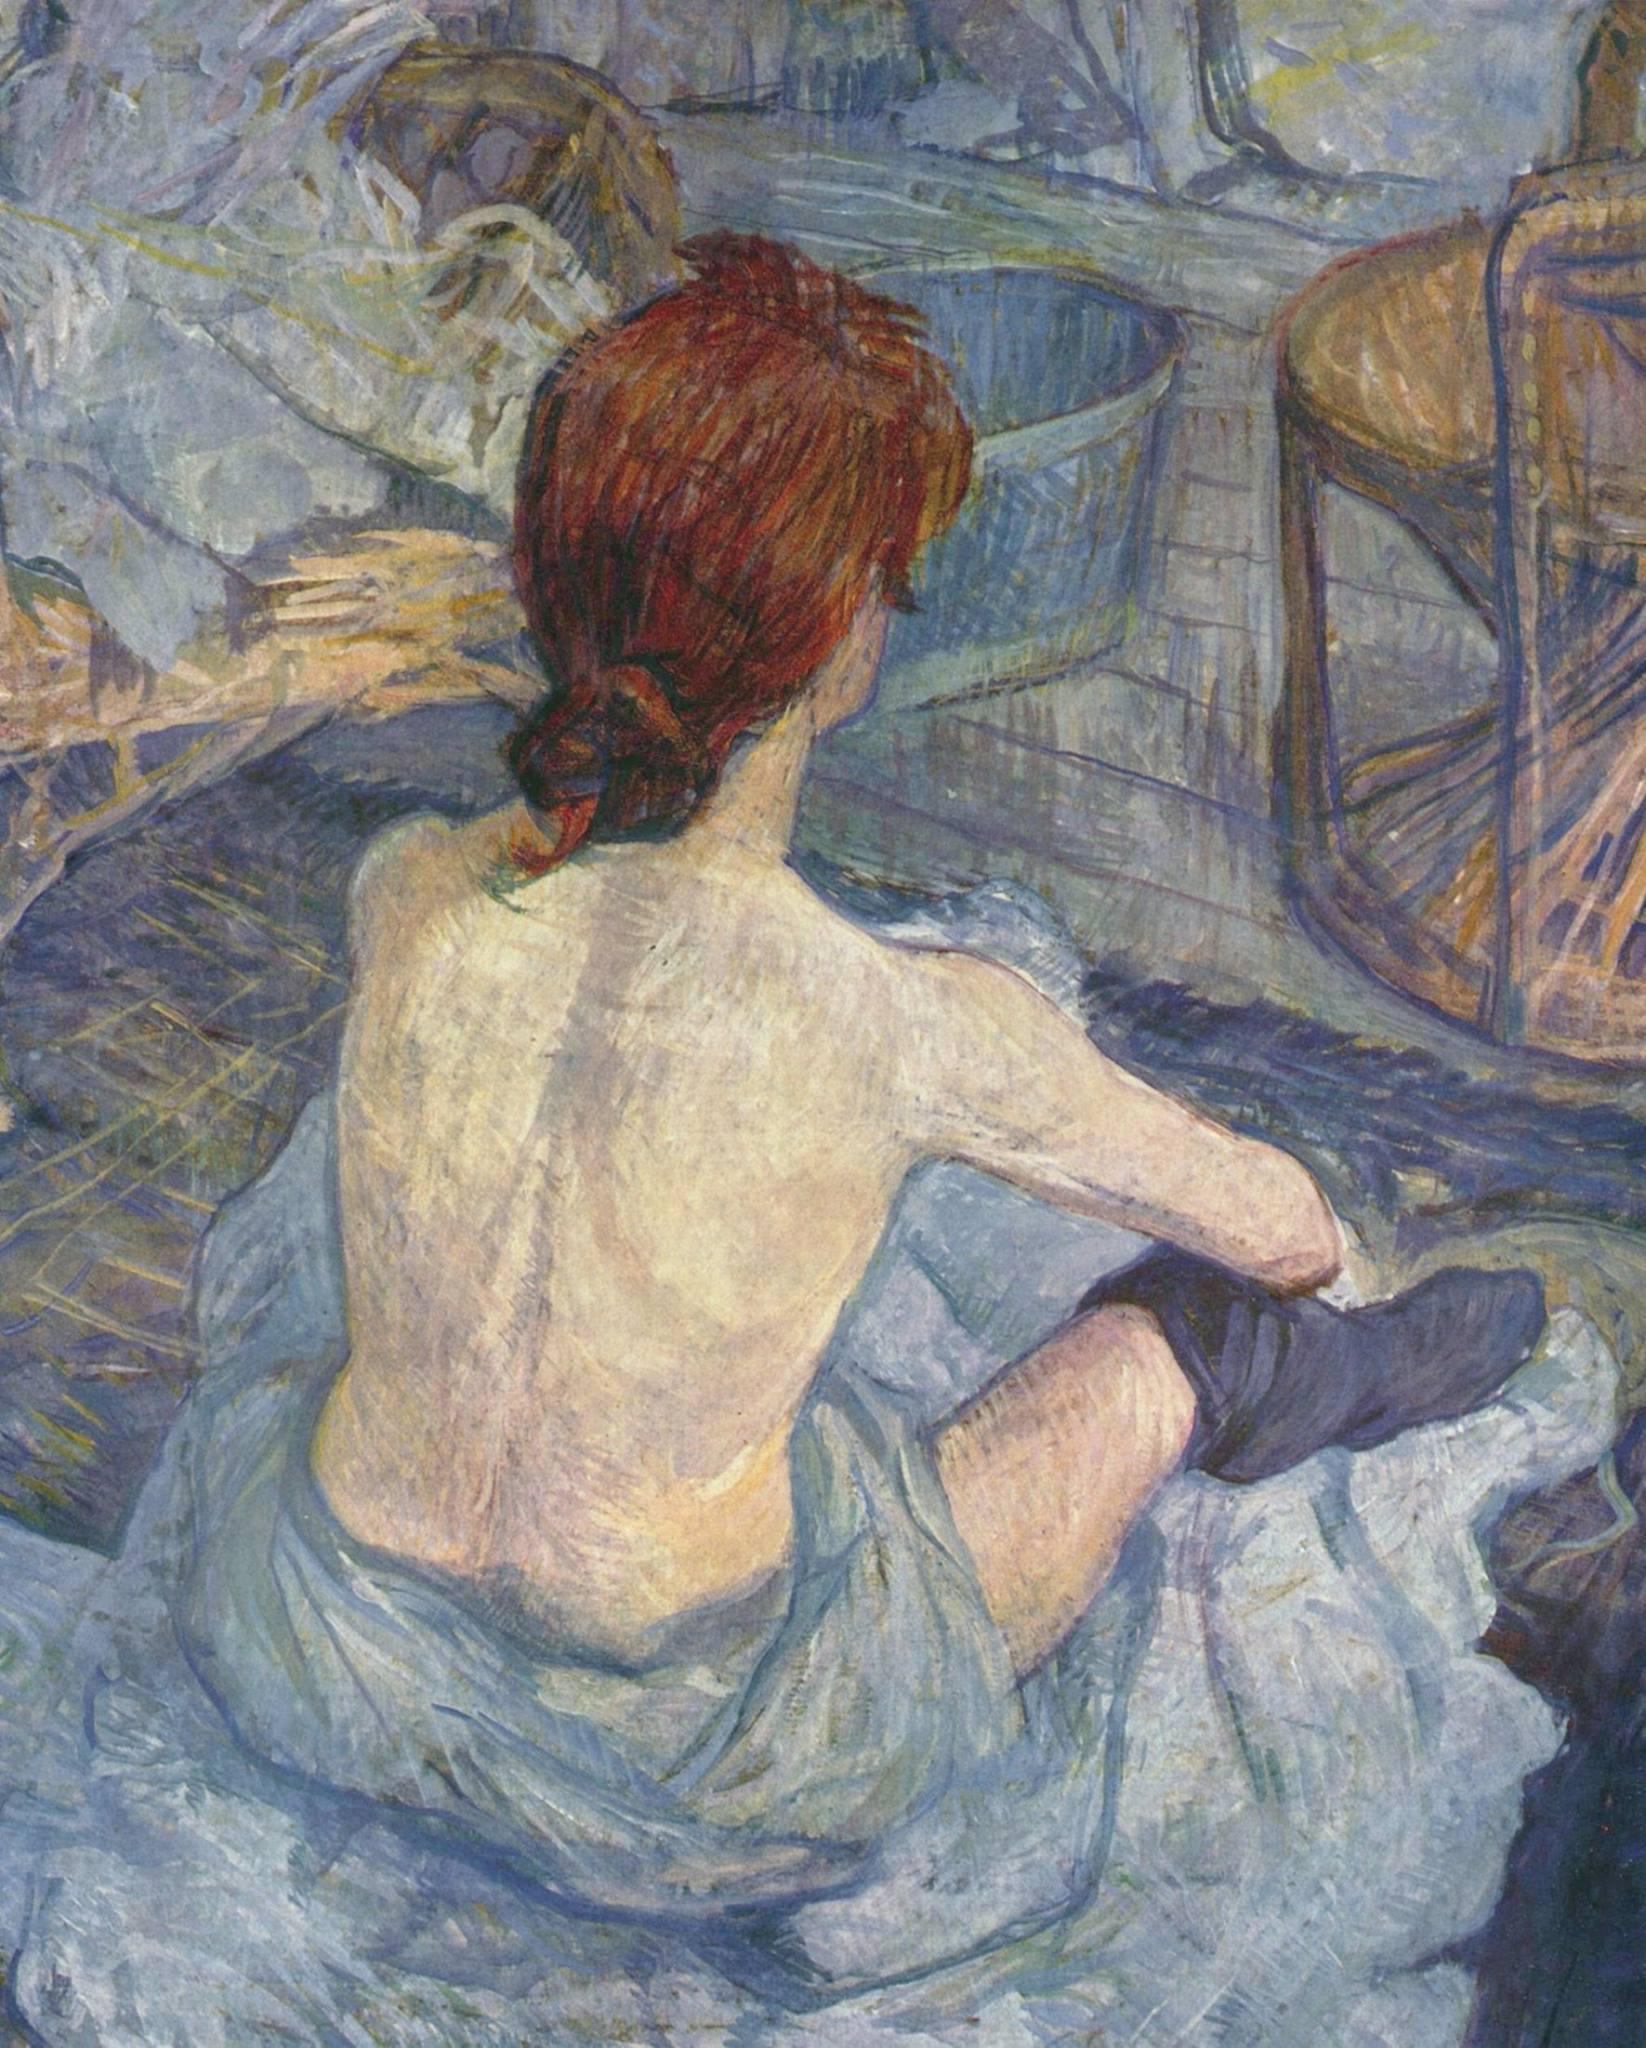 Art De L Ame Toulouse toulouse-lautrec' s works: the most beautiful masterpieces